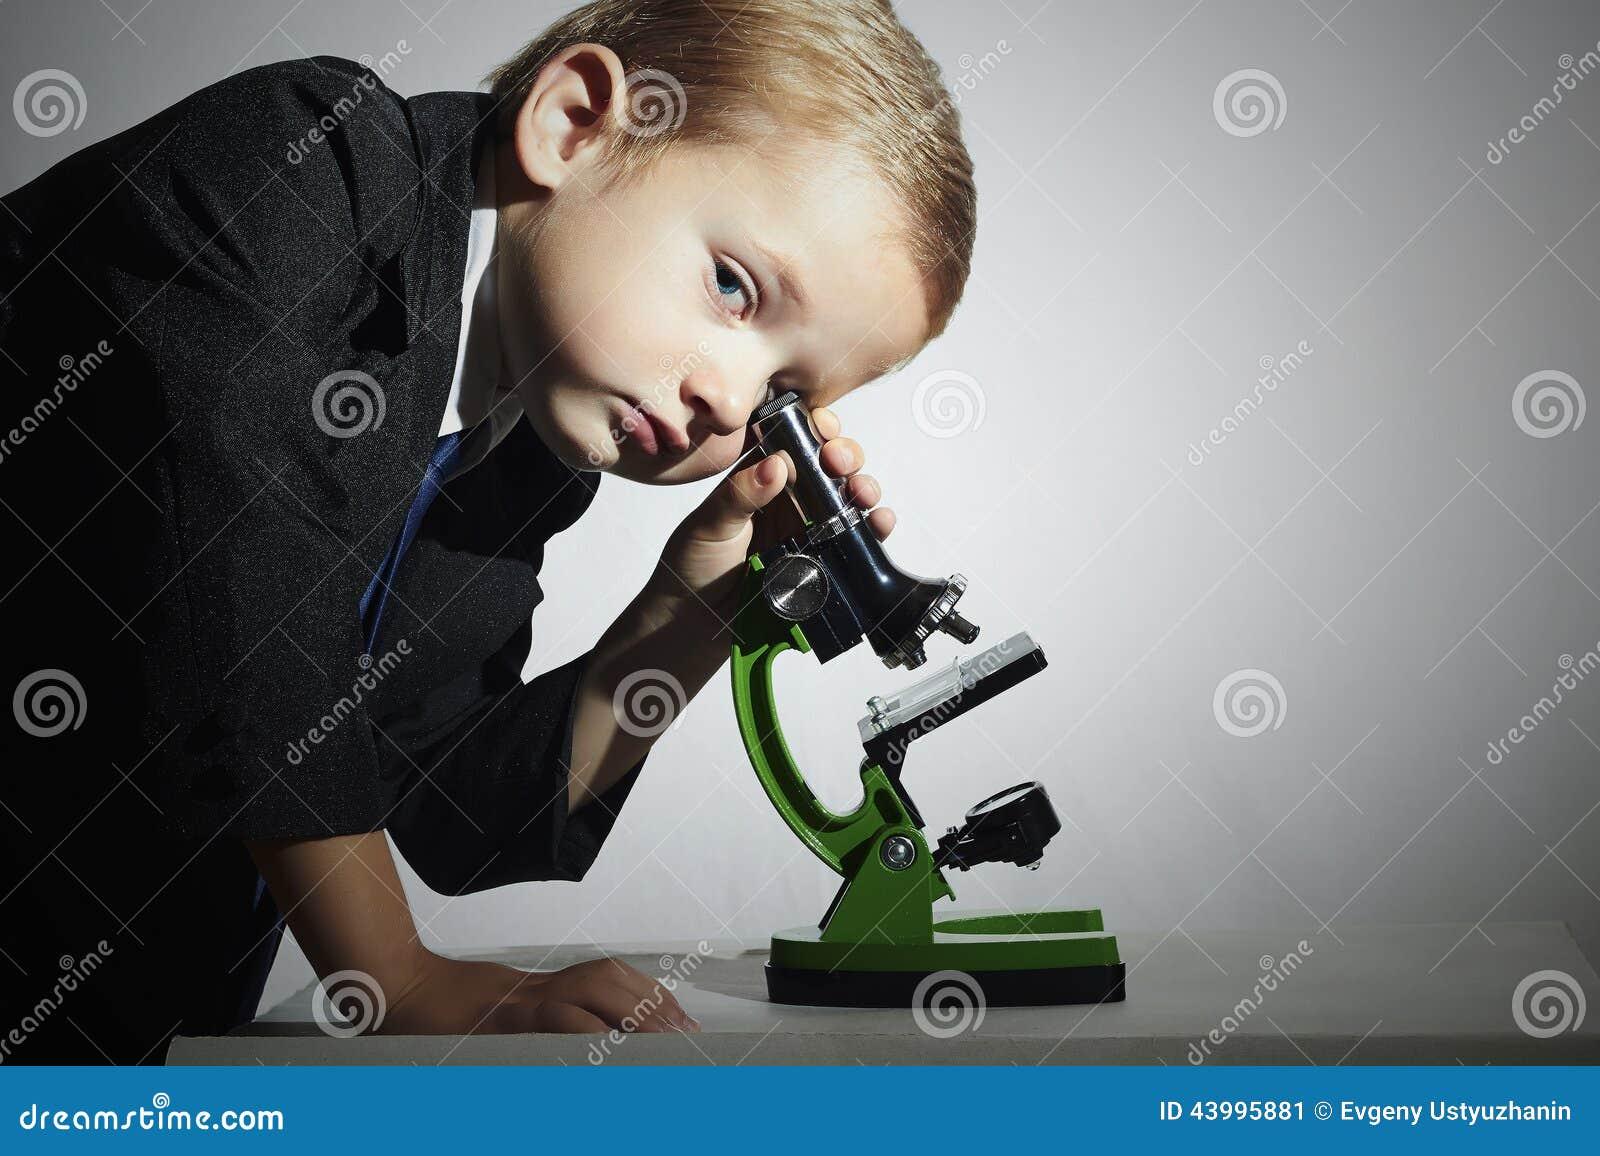 Kleiner wissenschaftler der im mikroskop schaut little boy kind